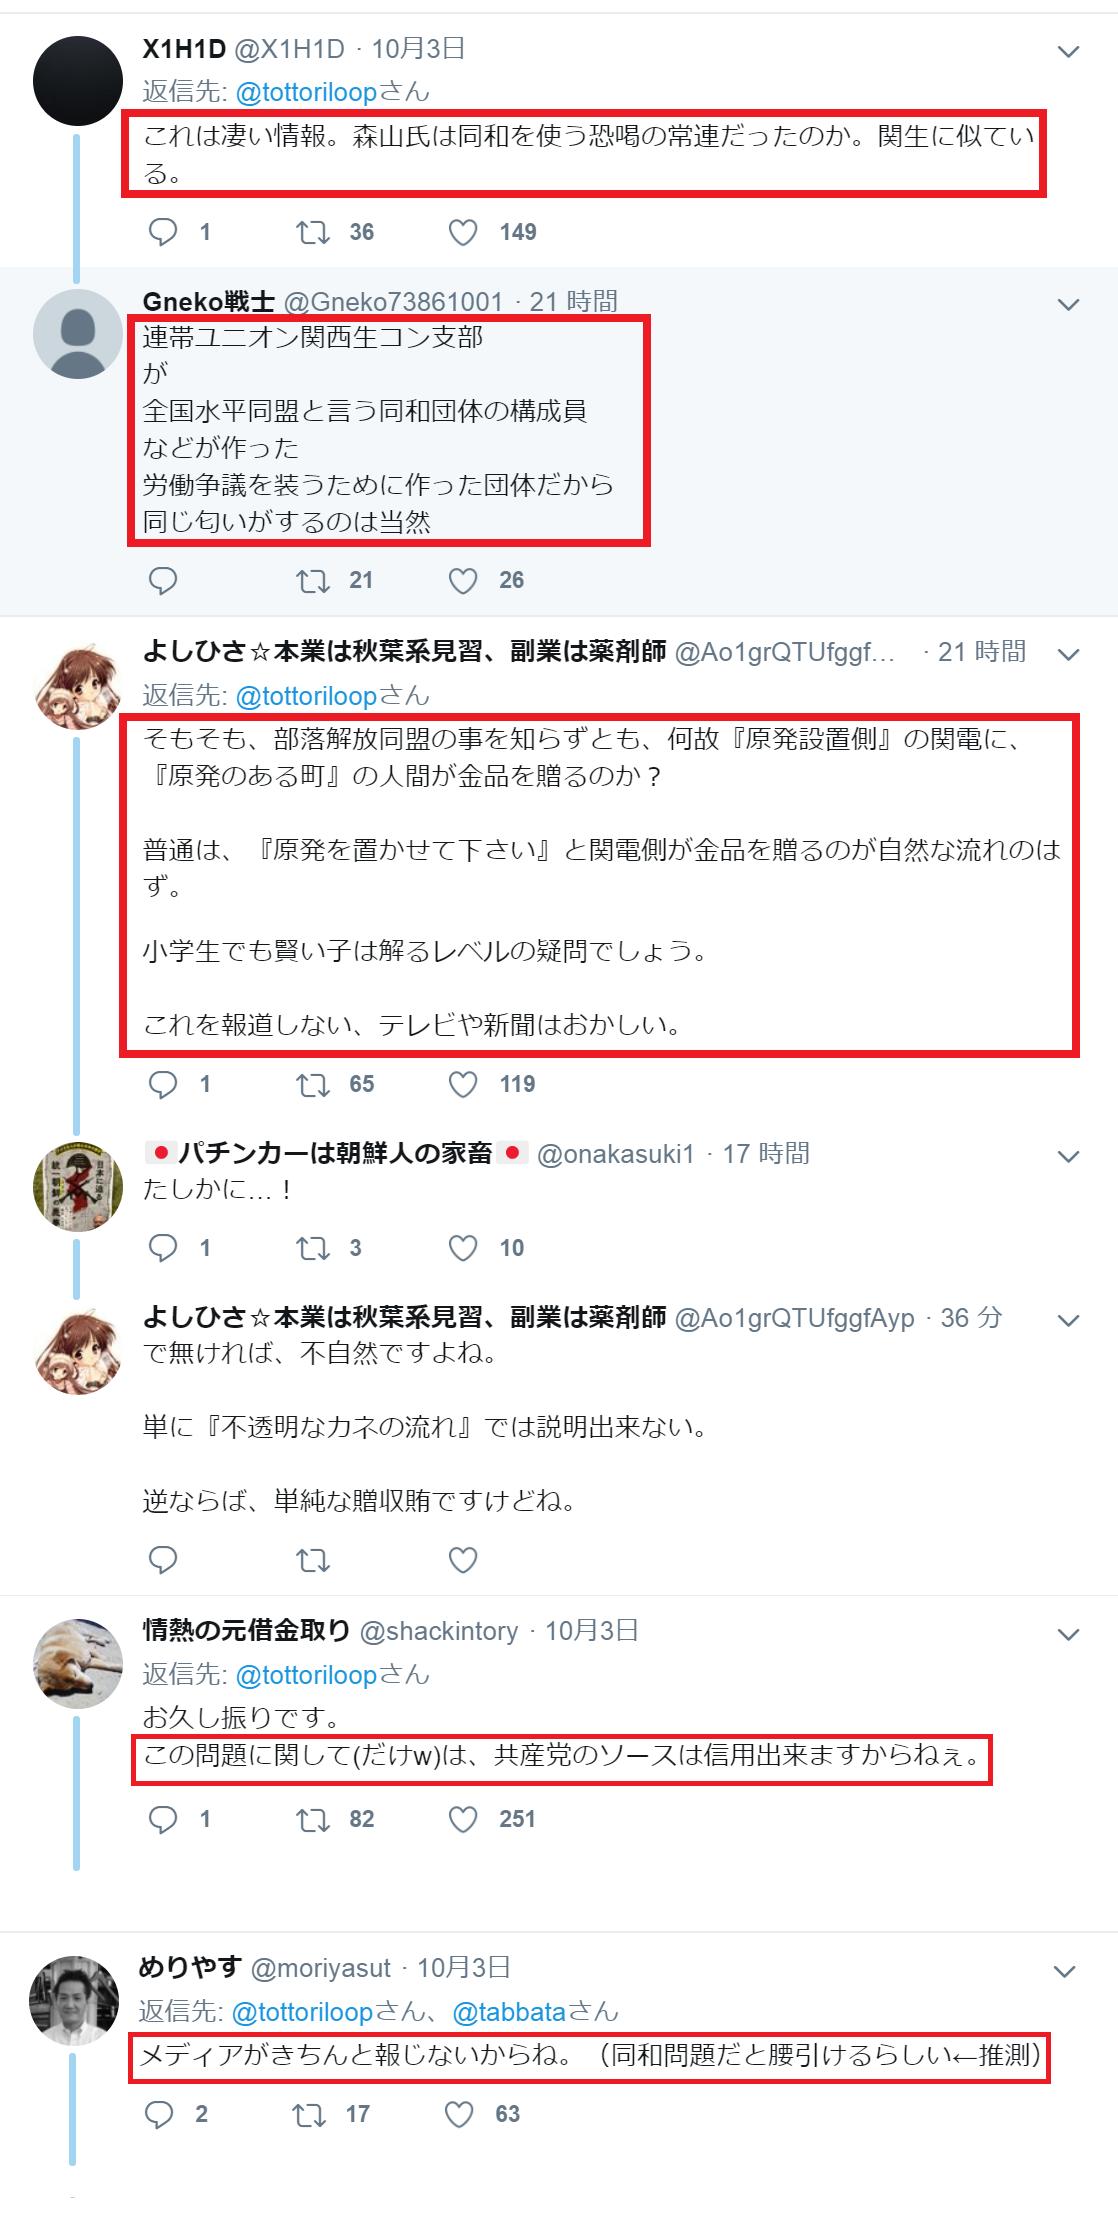 旧社会党堂森議員と高浜原発の関係5